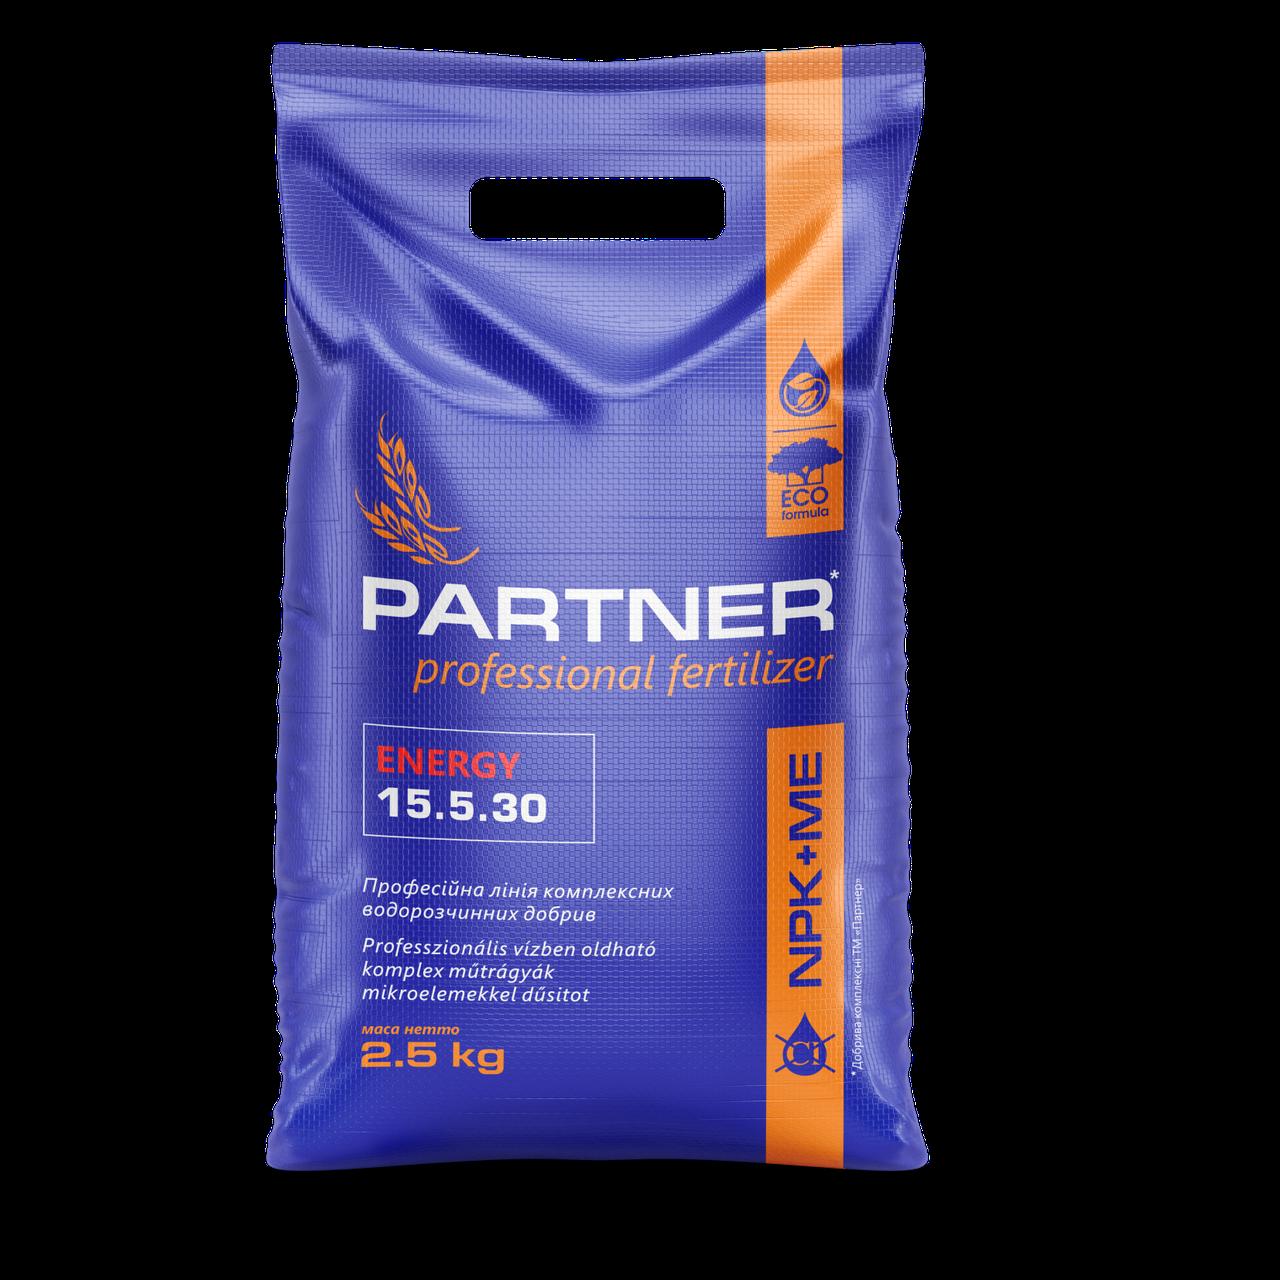 Комплексное удобрение ПАРТНЕР ЭНЕРДЖИ (Partner ENERGY) 15.5.30 -2.5 кг